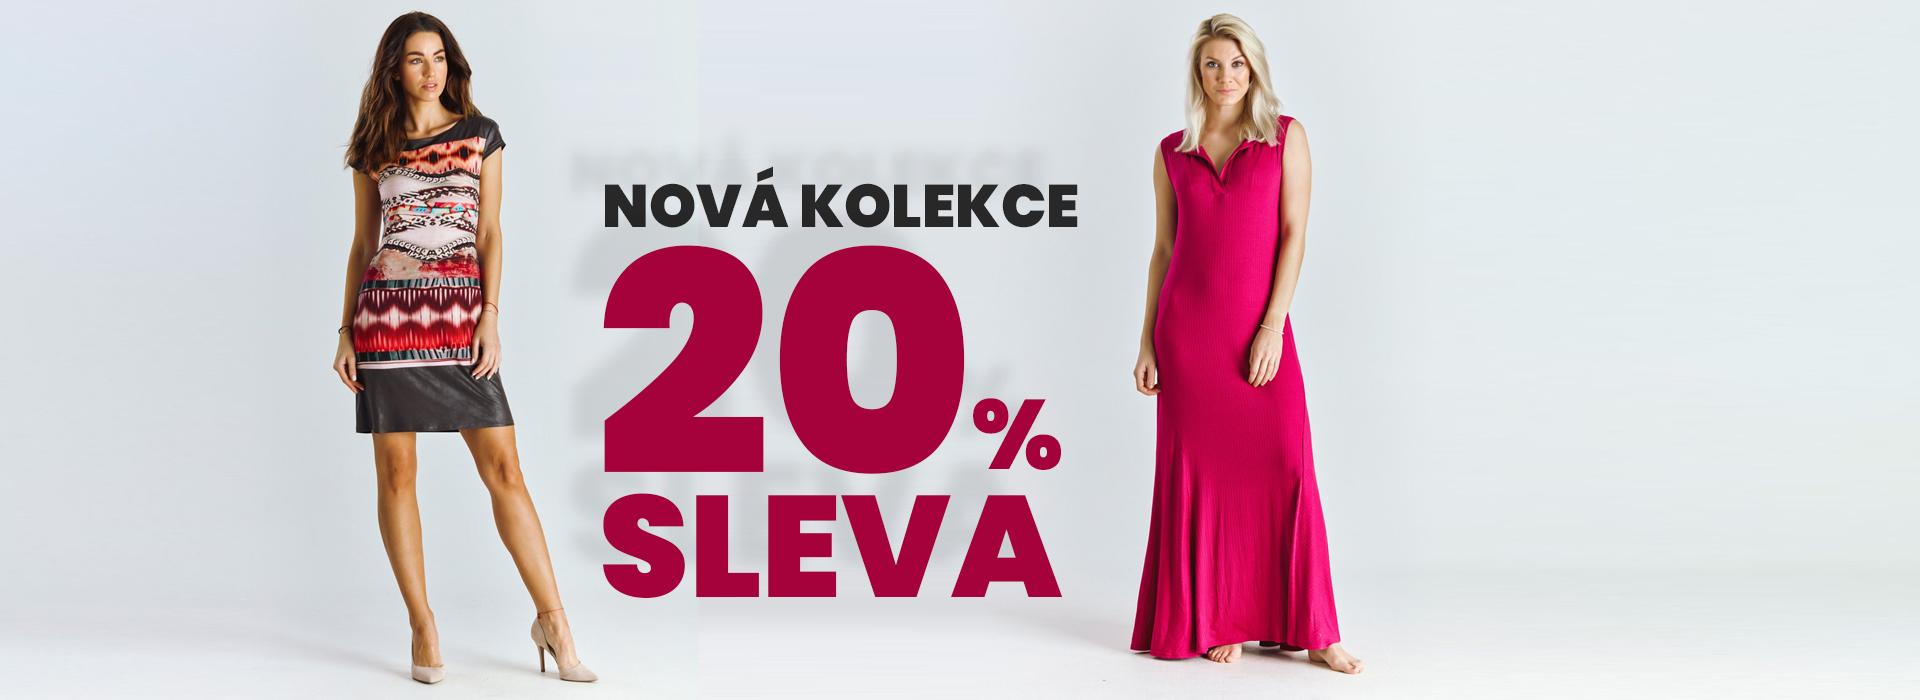 2021 sleva letní kolekce šaty